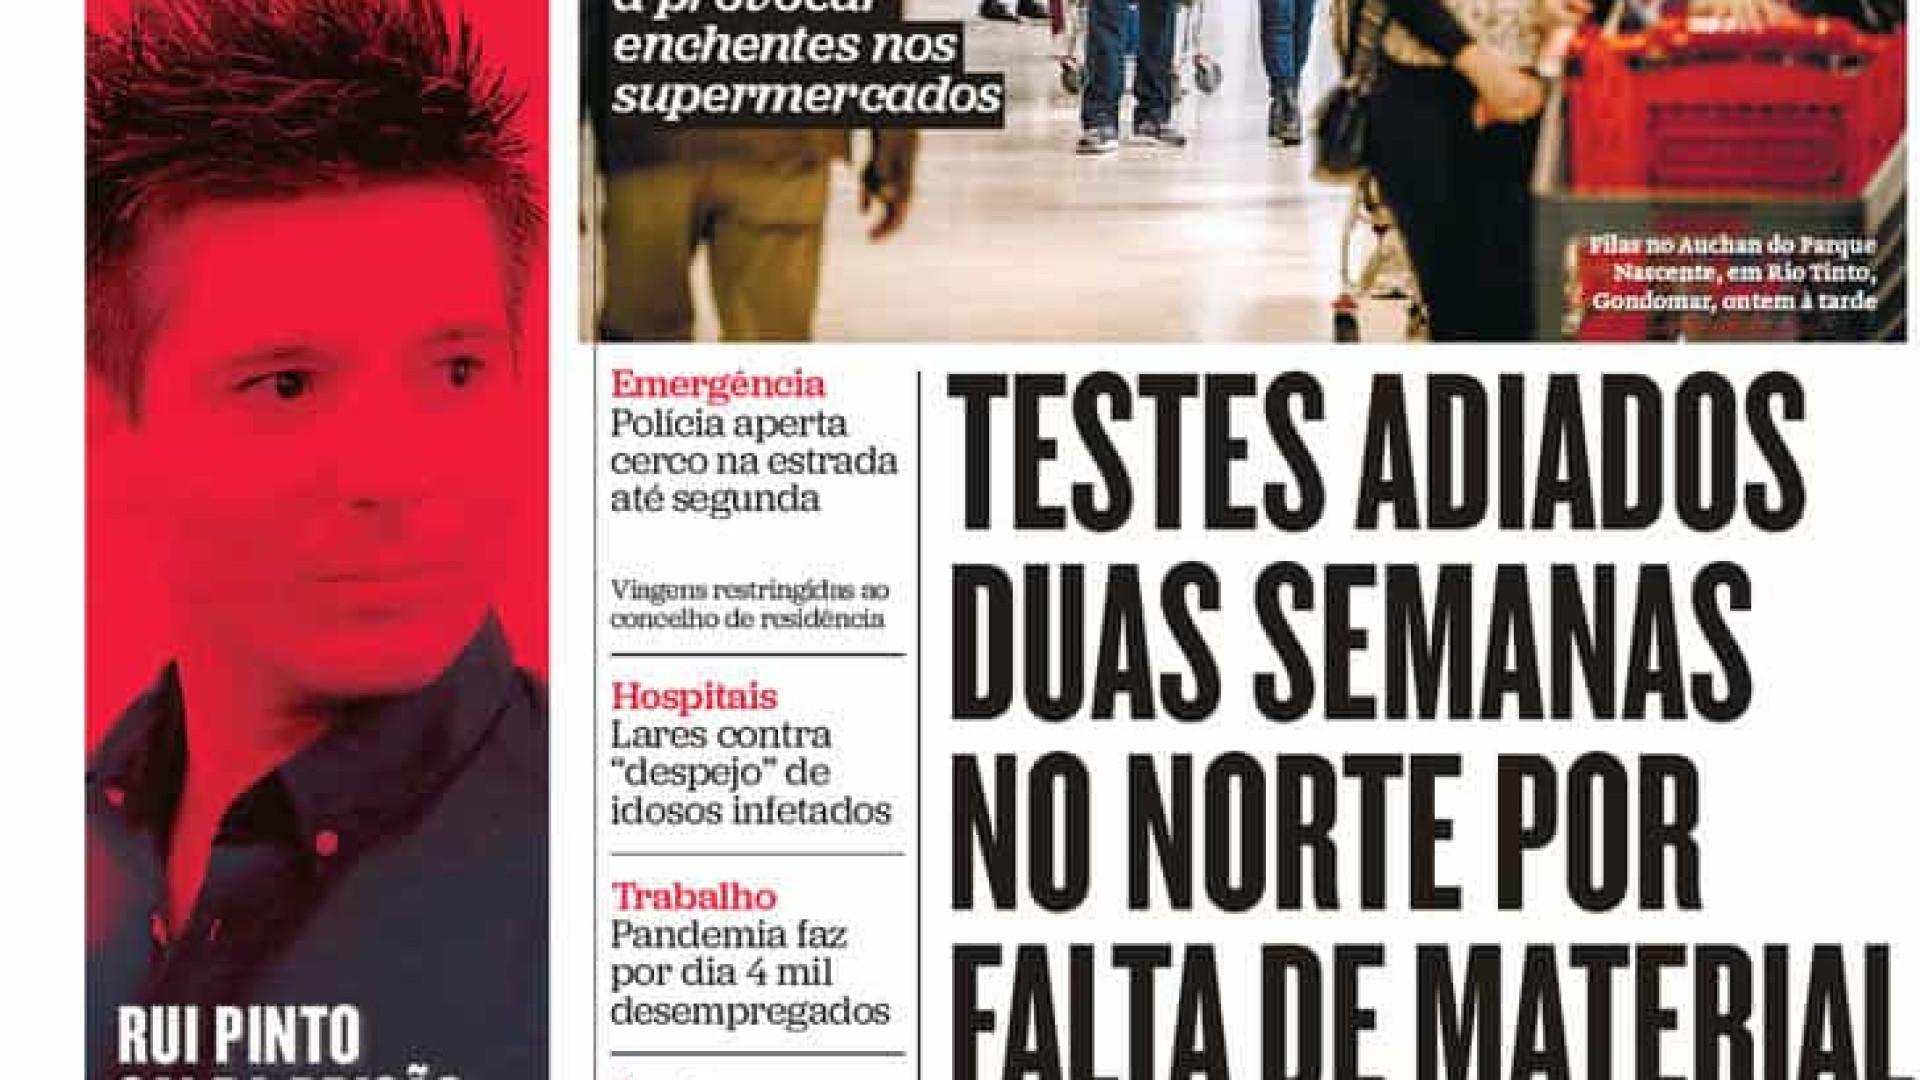 Hoje é notícia: Morre após queixas da SNS24; Enchentes nos supermercados